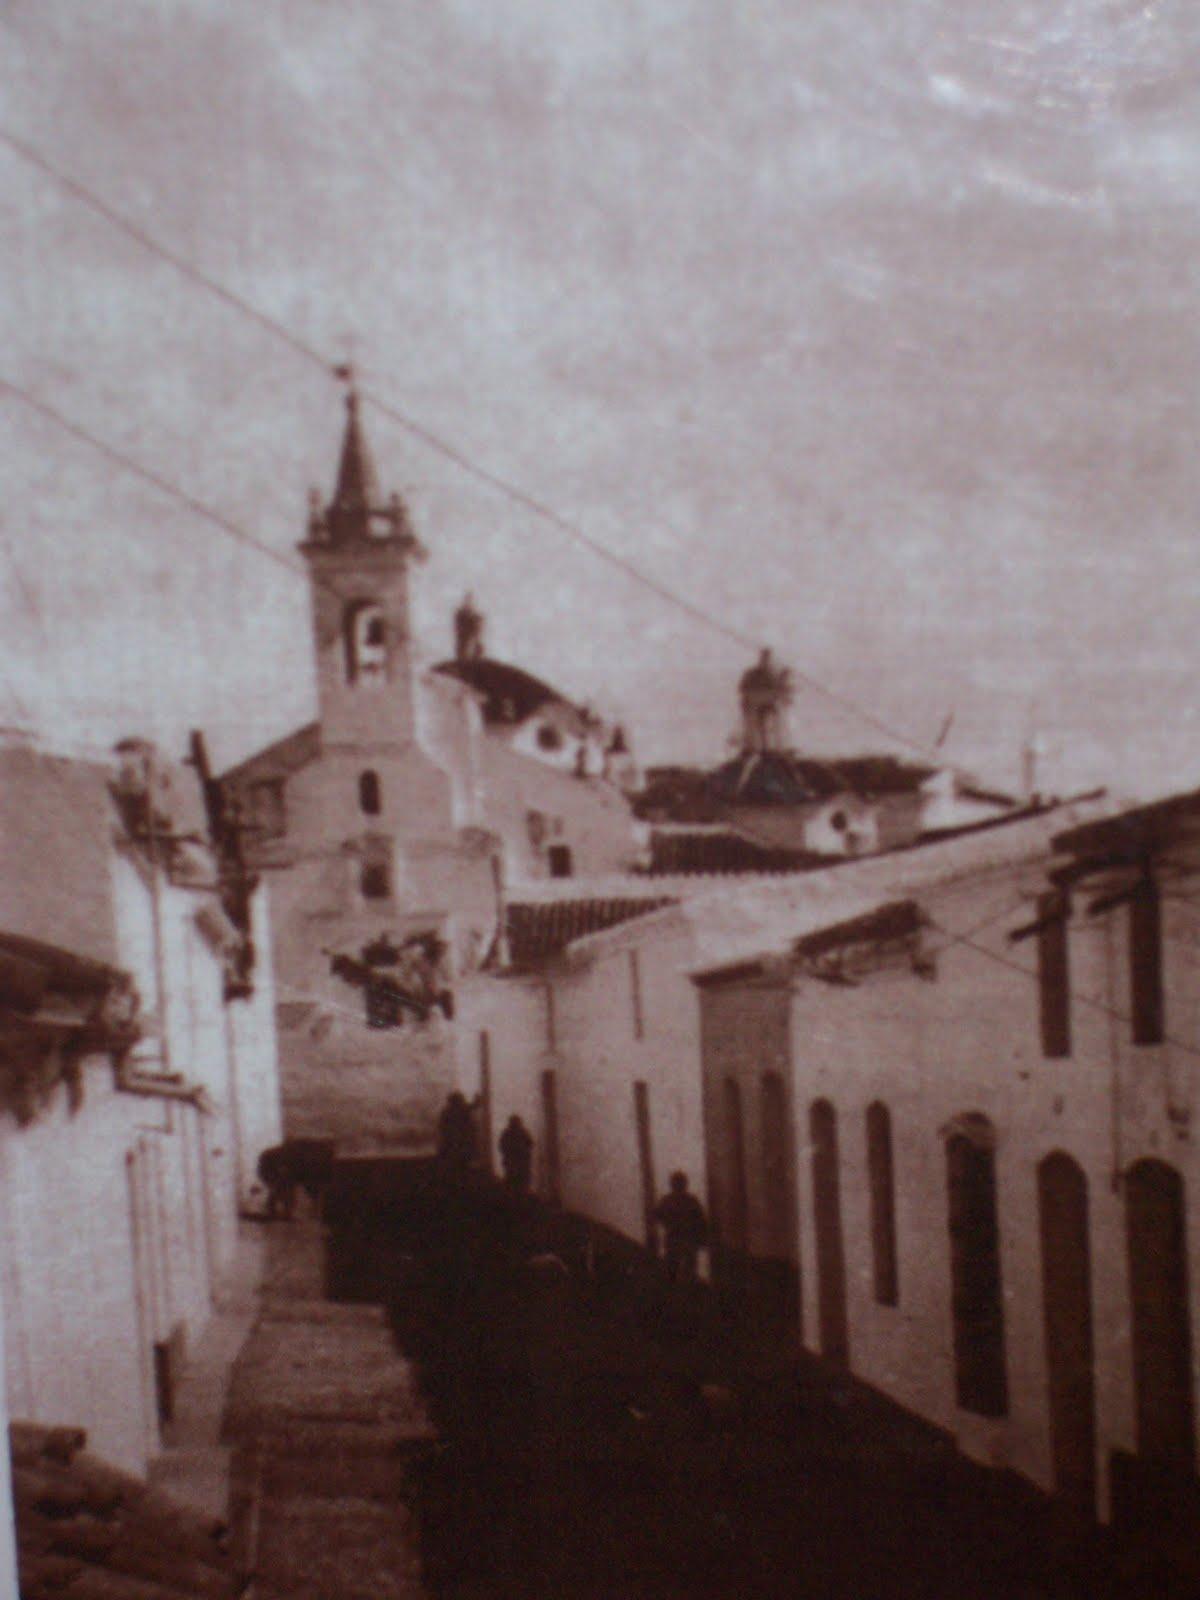 Las callejuelas 75 a os del incendio de la iglesia de rociana - Fotos antiguas de rociana del condado ...